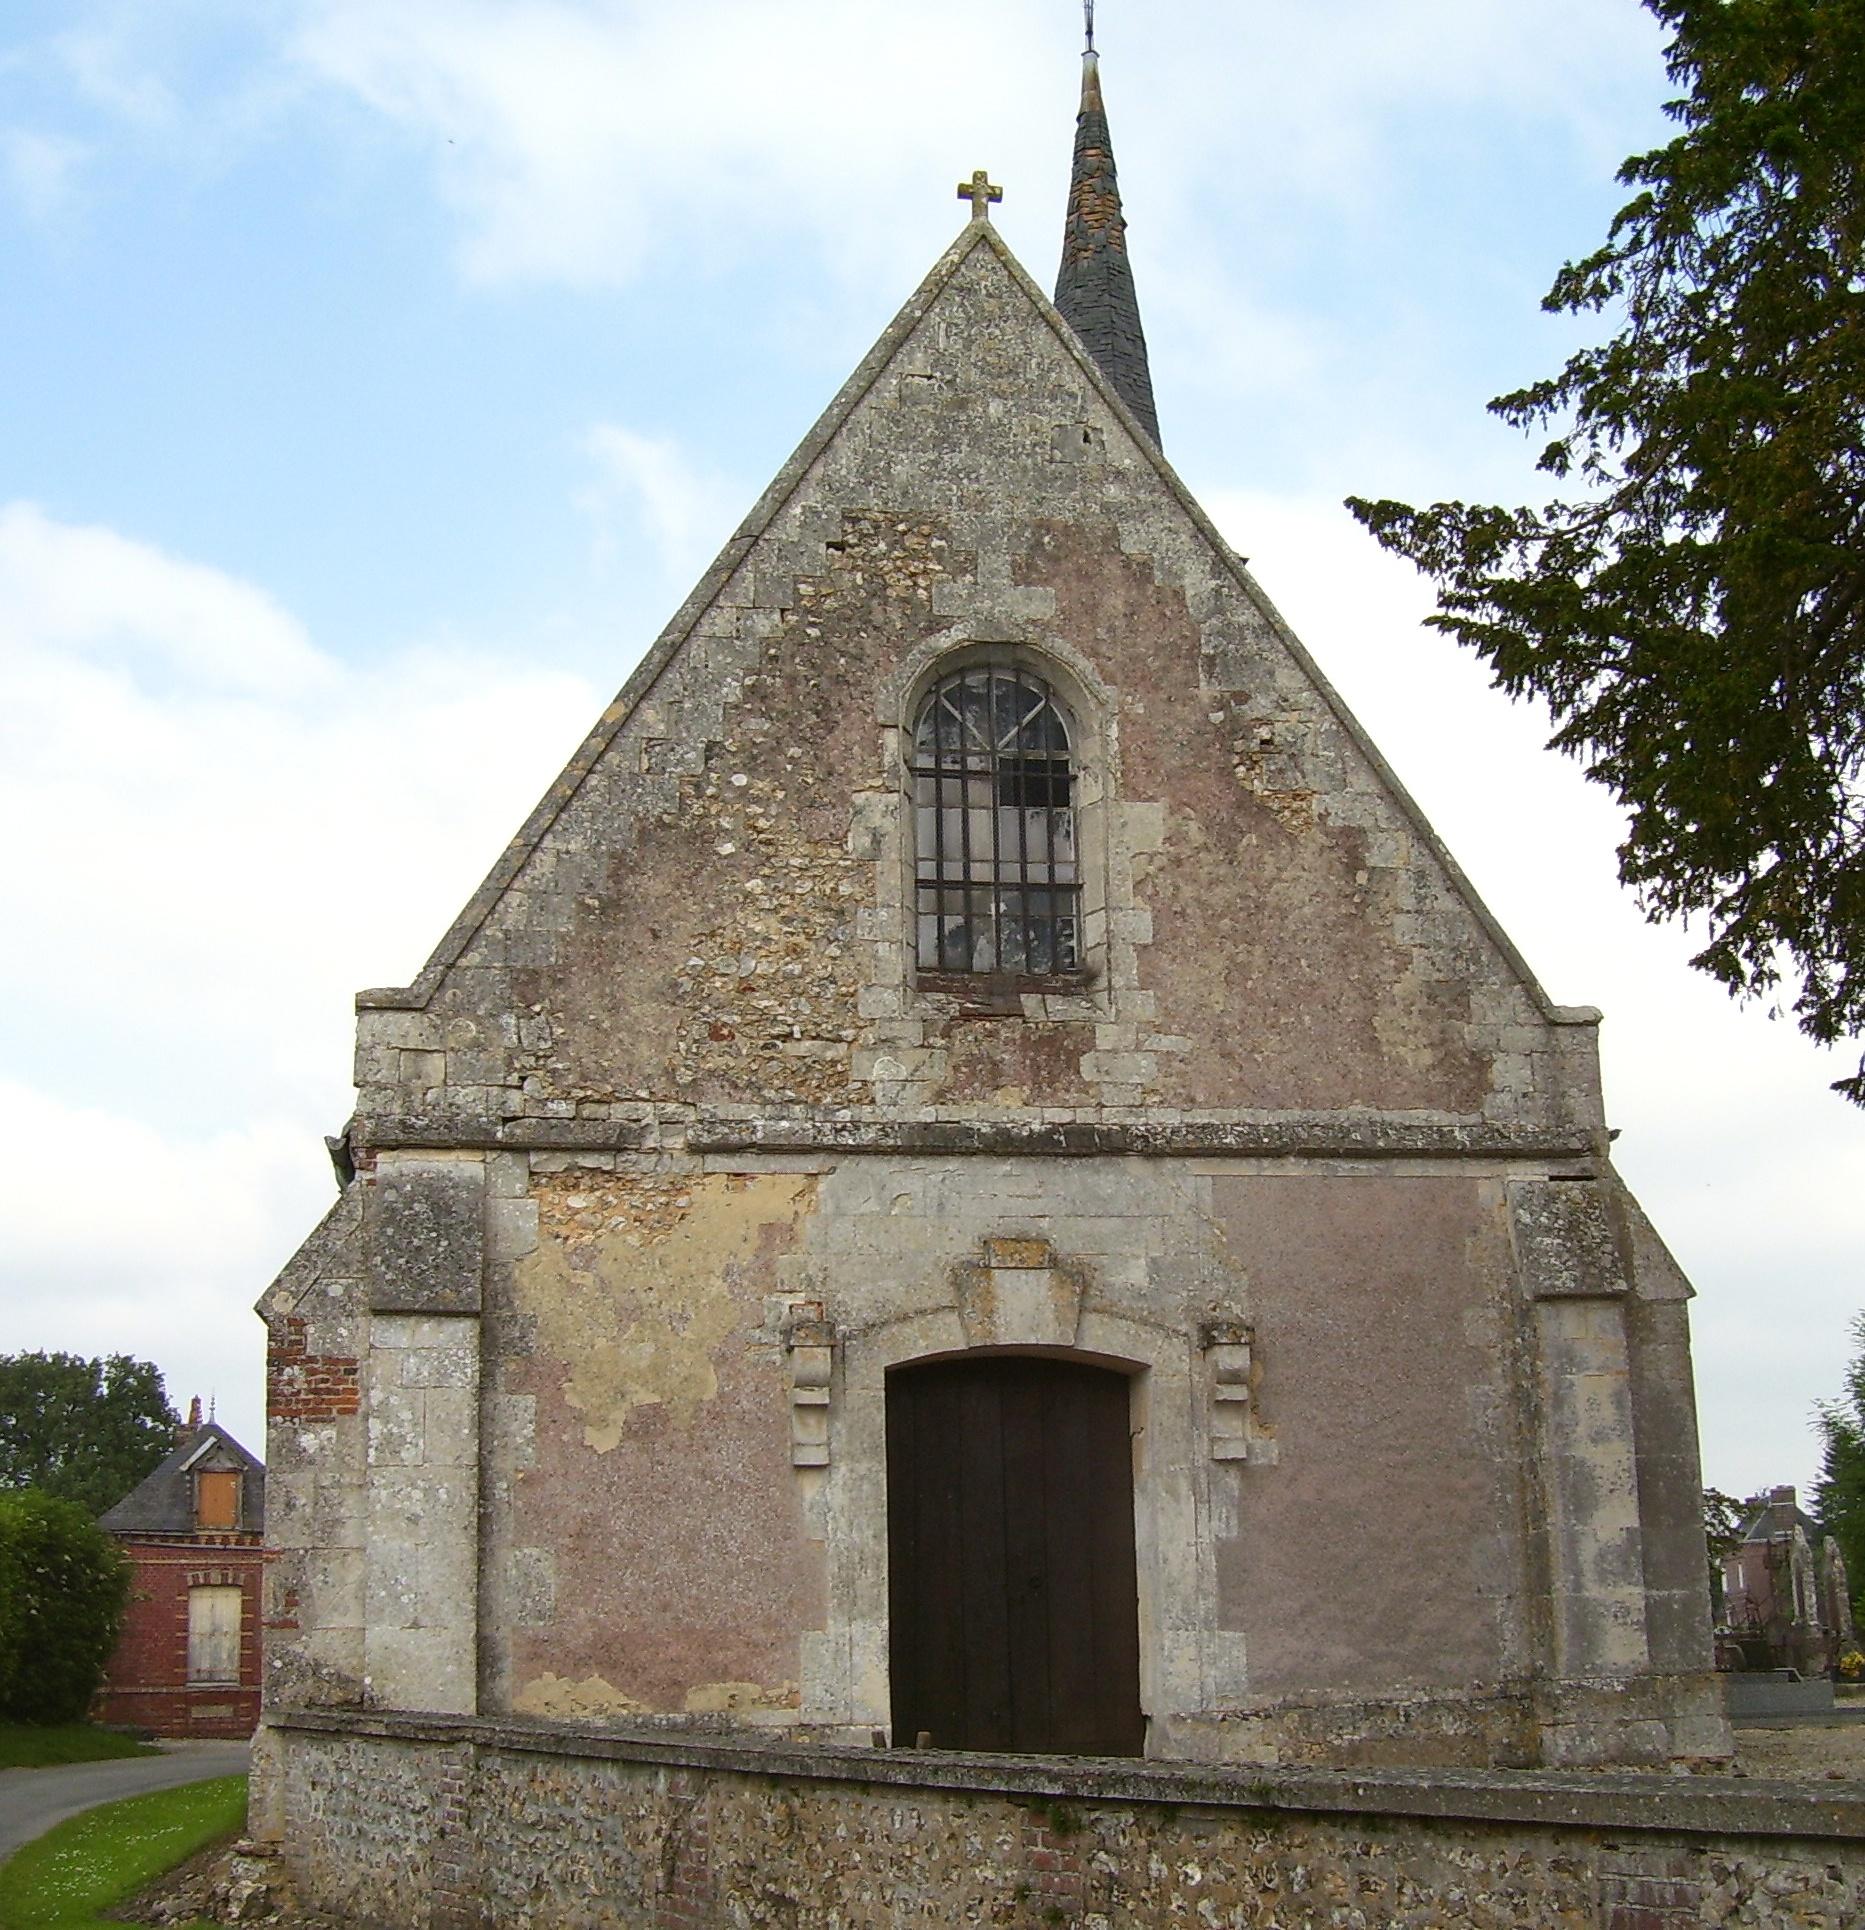 Église Saint-Just, im Hintergrund sieht man die Seite der alten mairie, eigenes Foto, Lizenz: public domain/gemeinfrei